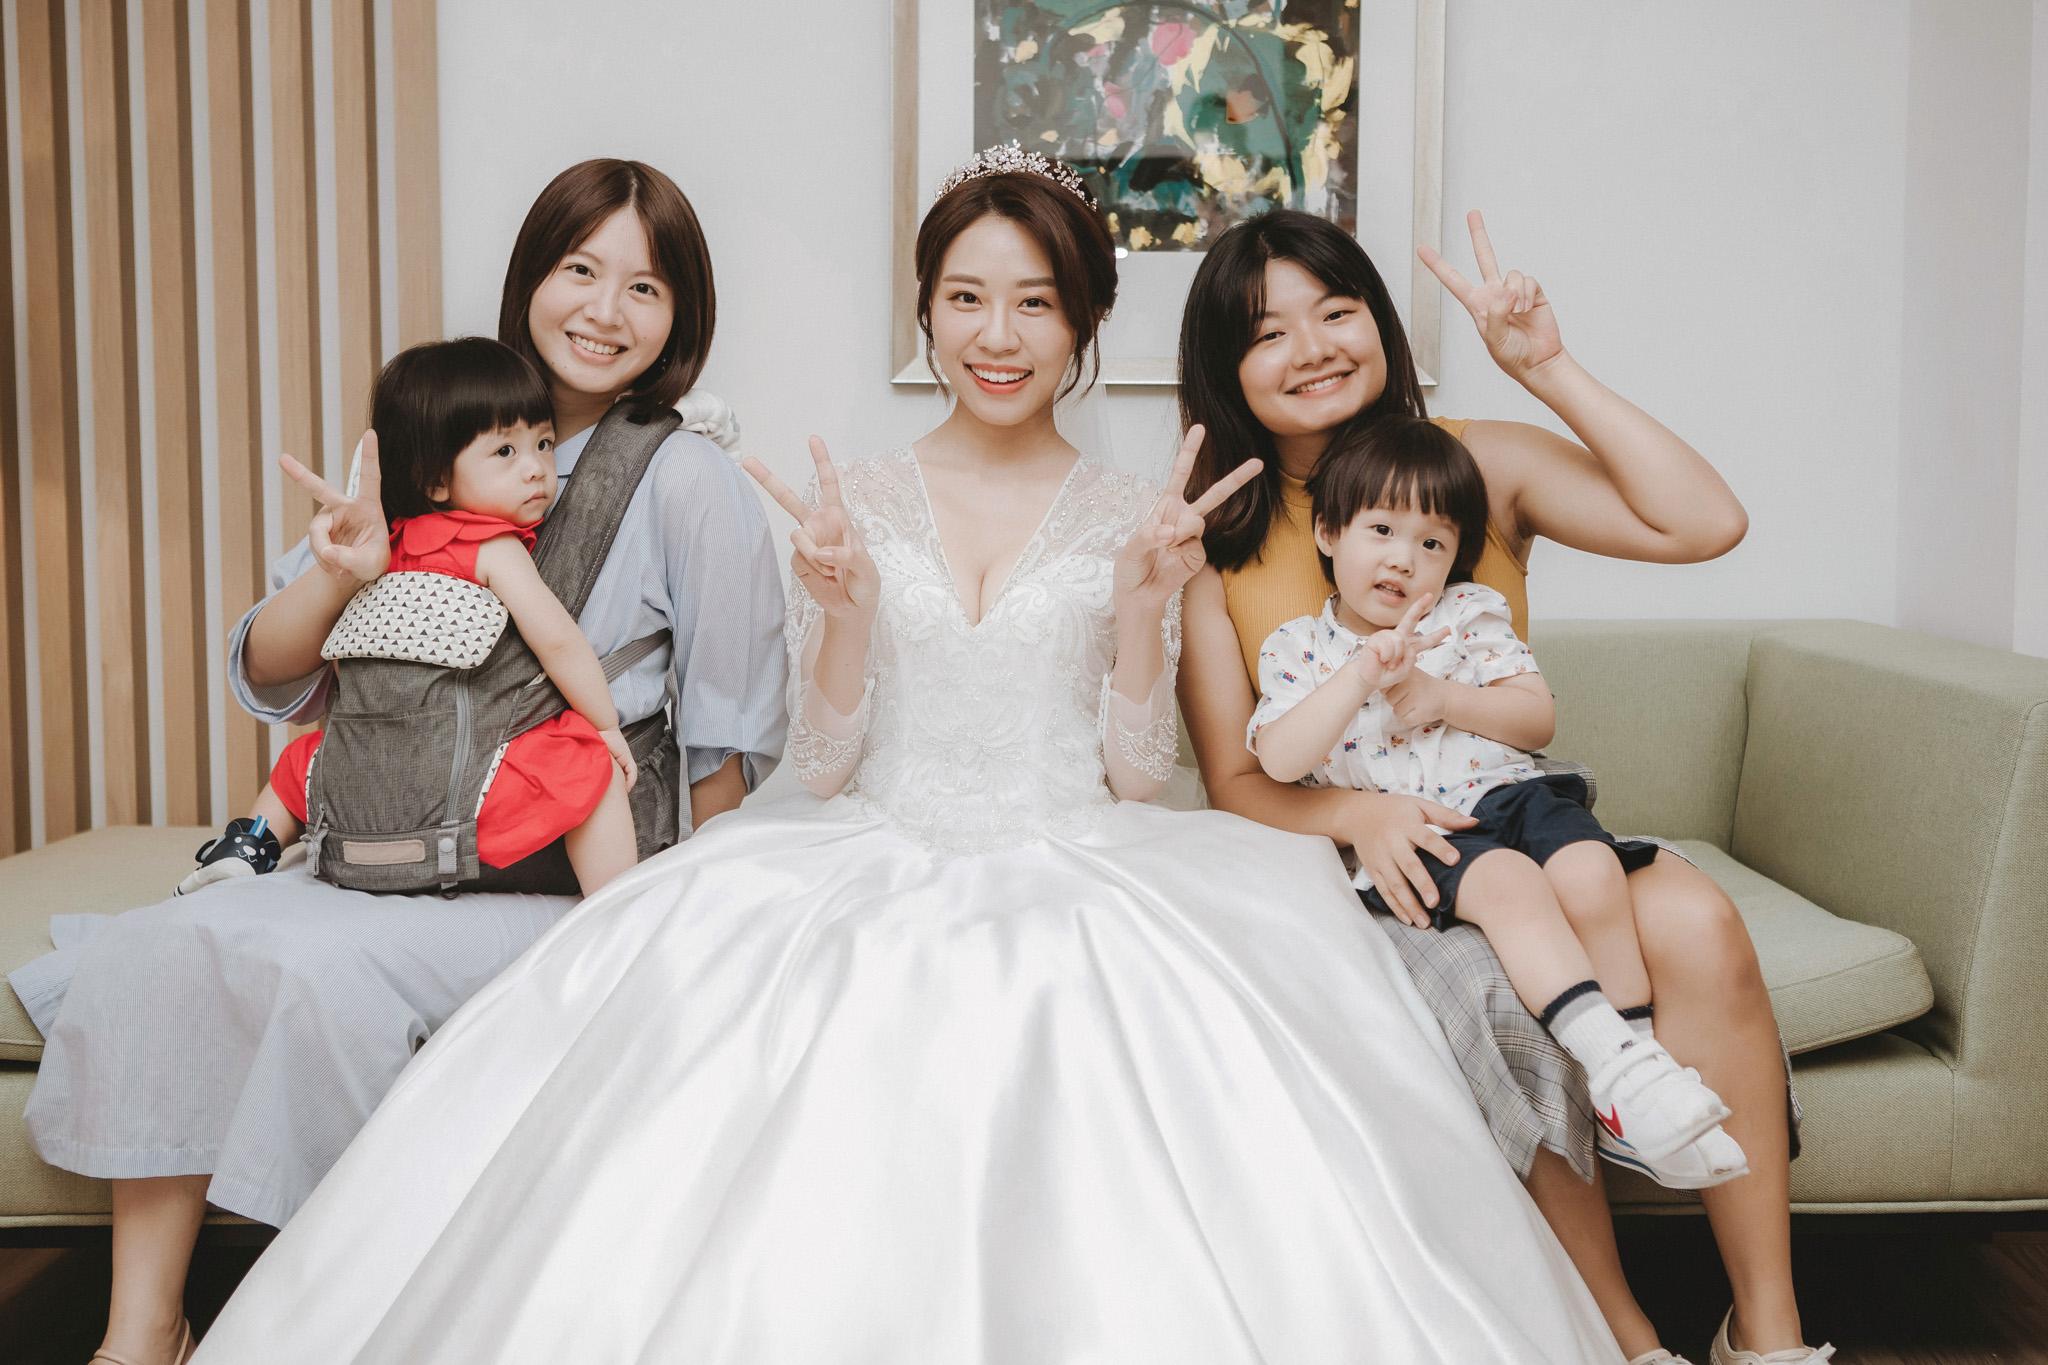 EW 居米 台北婚宴 台北婚紗 台北婚攝 國泰萬怡 台北婚禮 -18